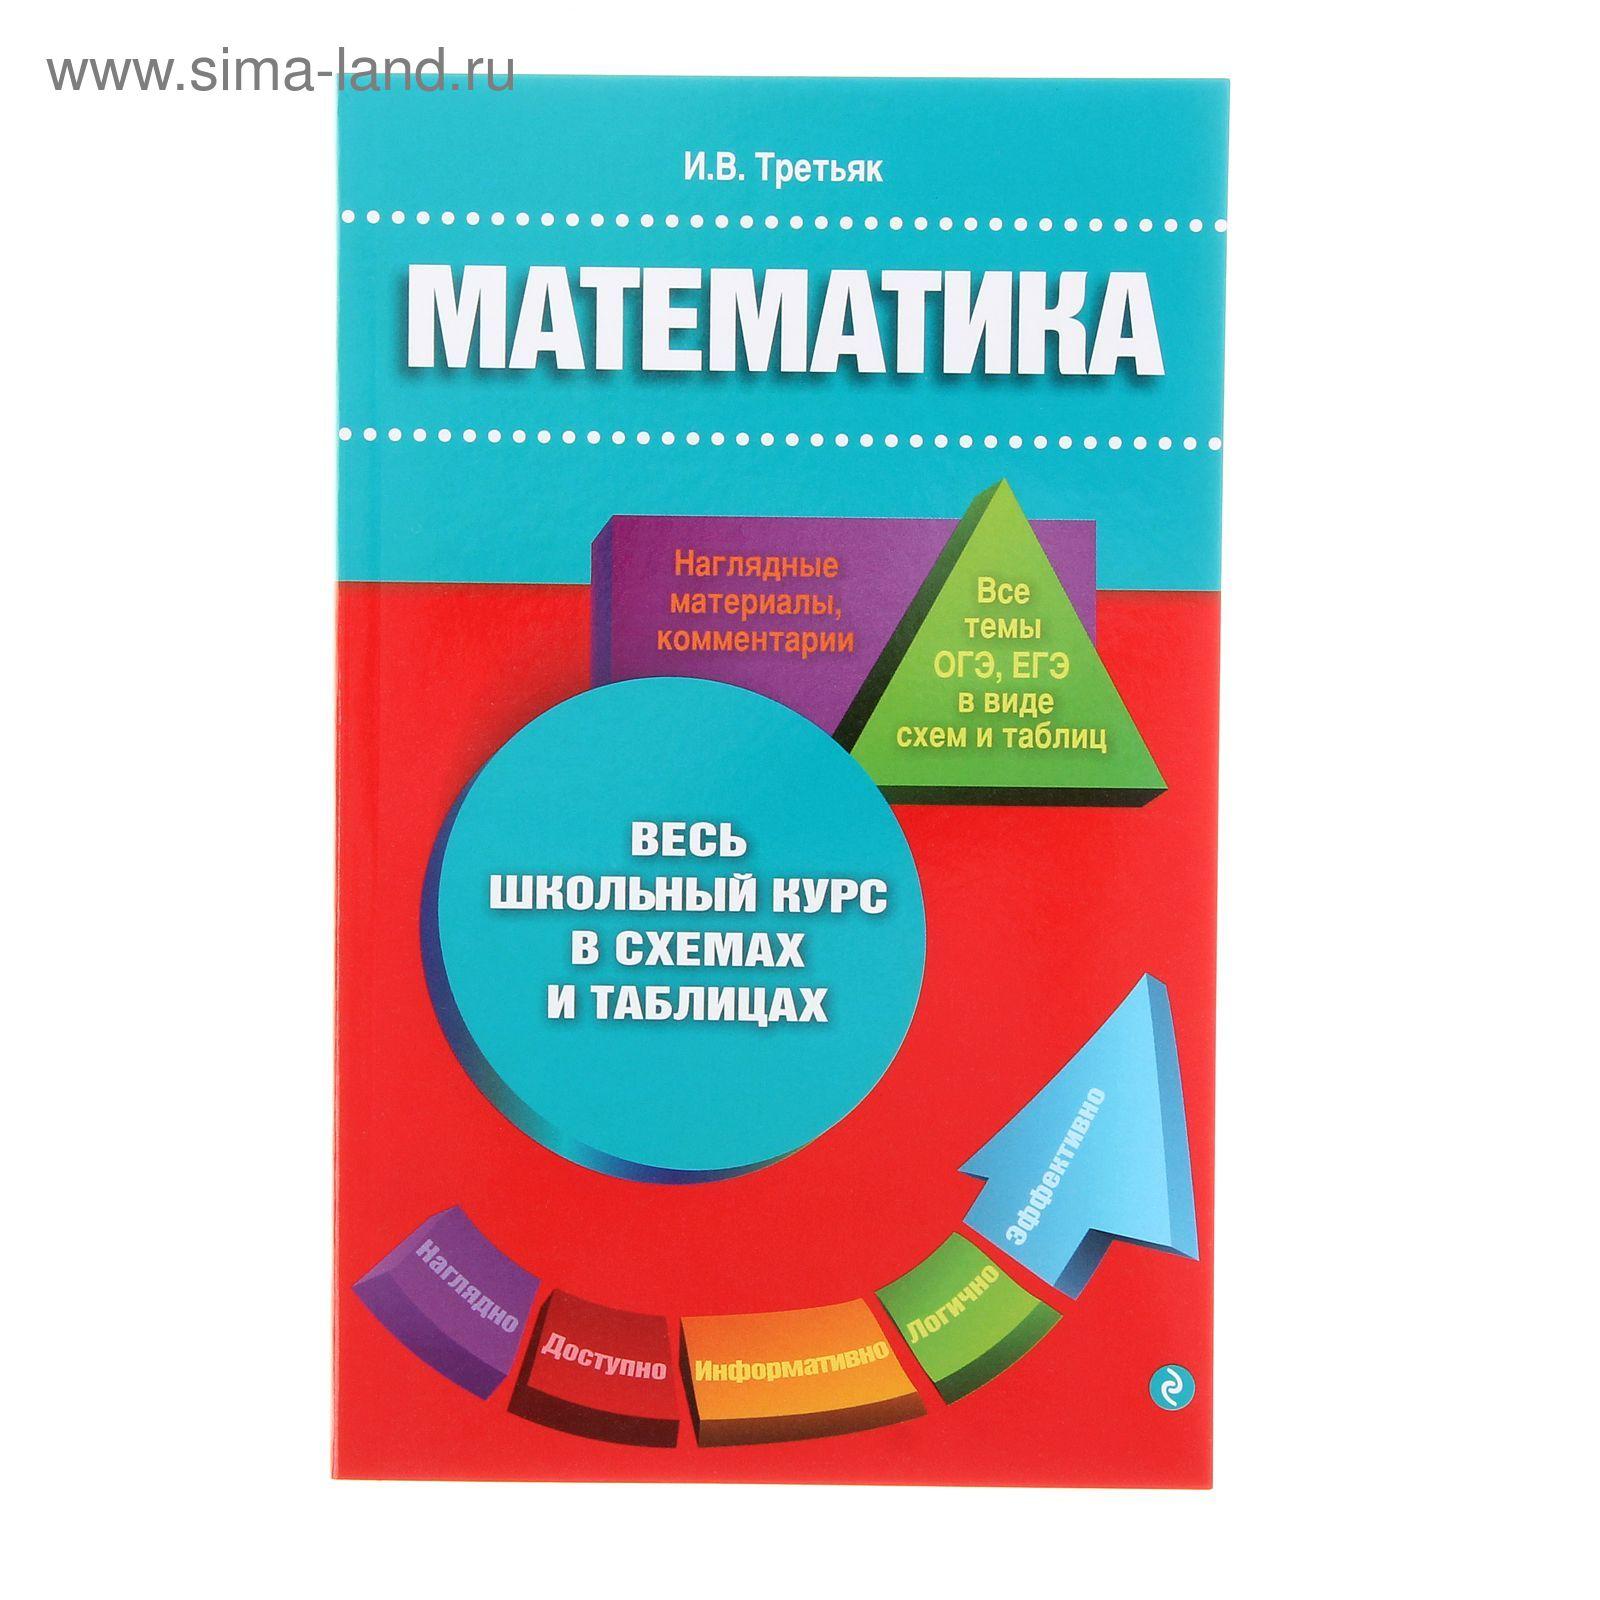 Математика школьный курс в таблицах и схемах фото 754